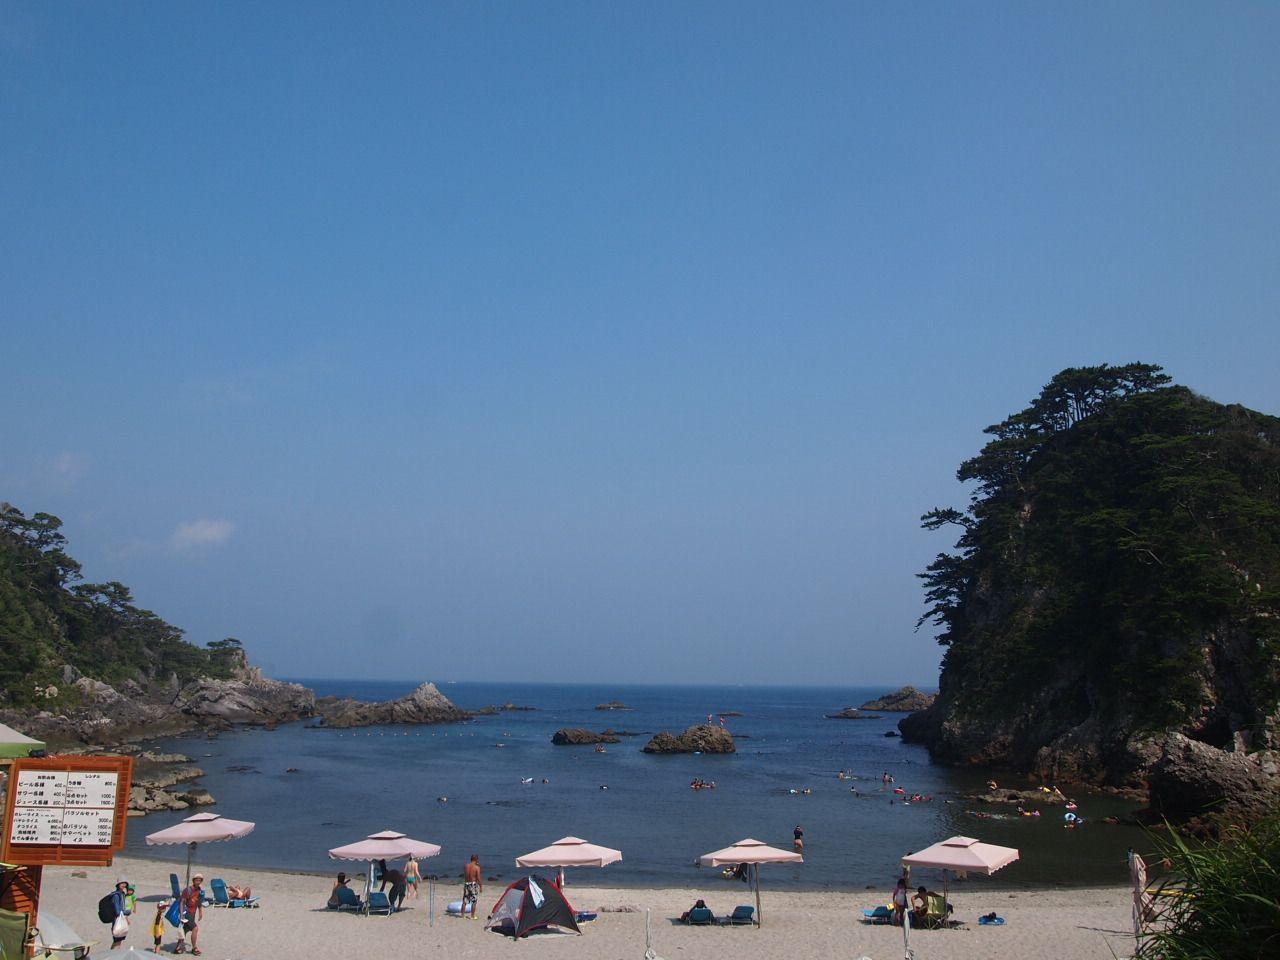 ファミリーにおすすめ!!石白川海水浴場の穏やかな海で磯遊び